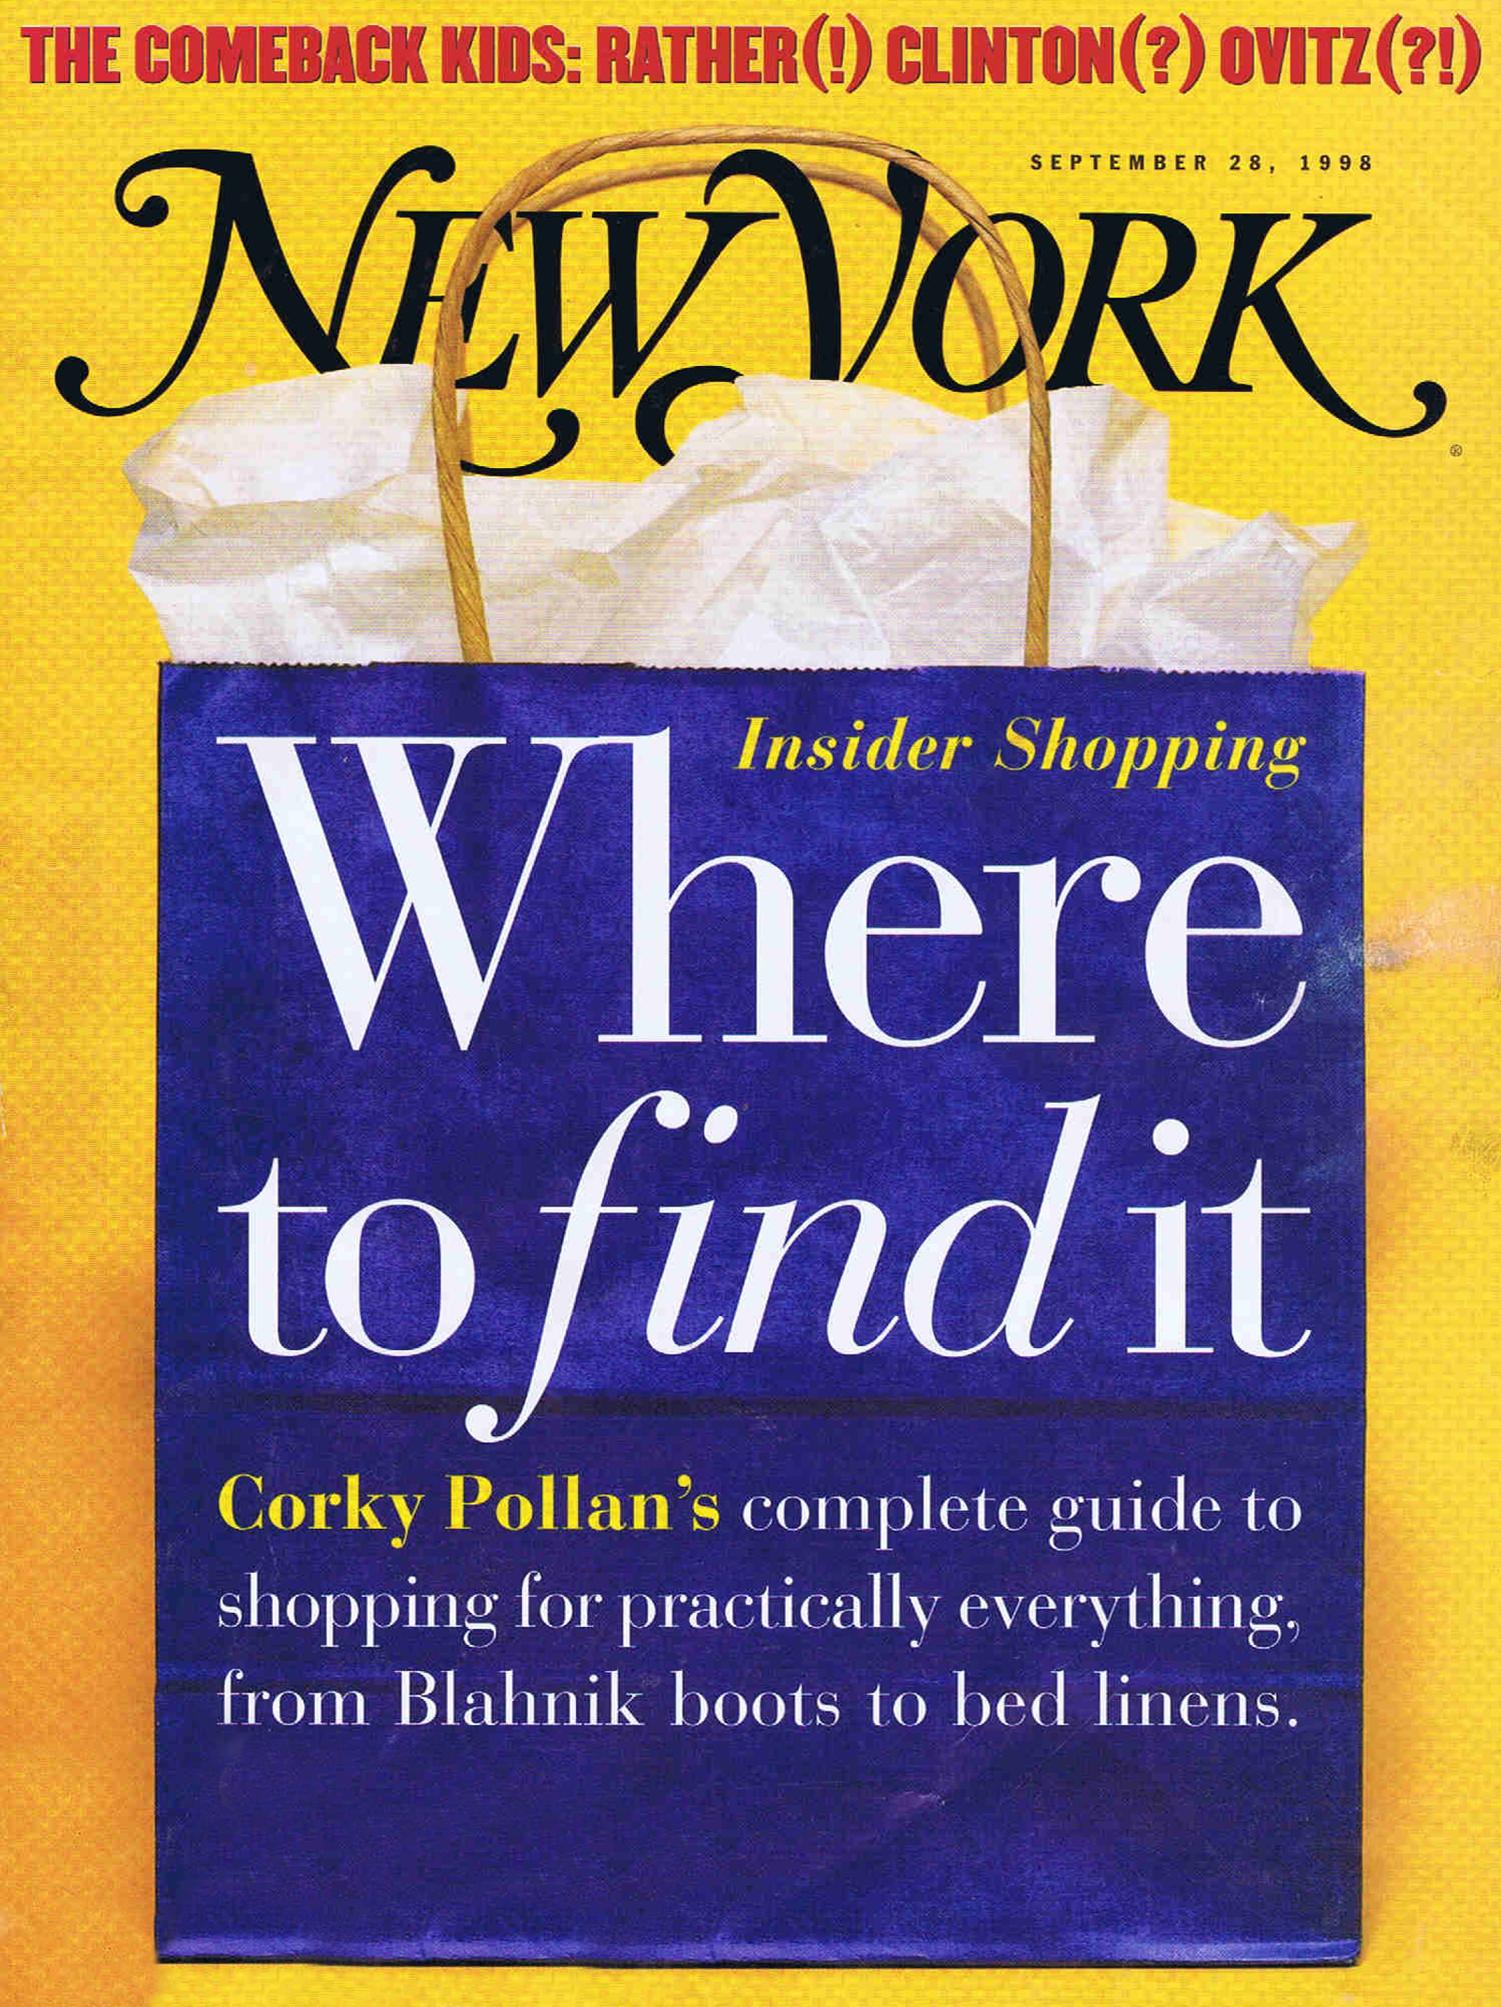 New York Magazine.jpg